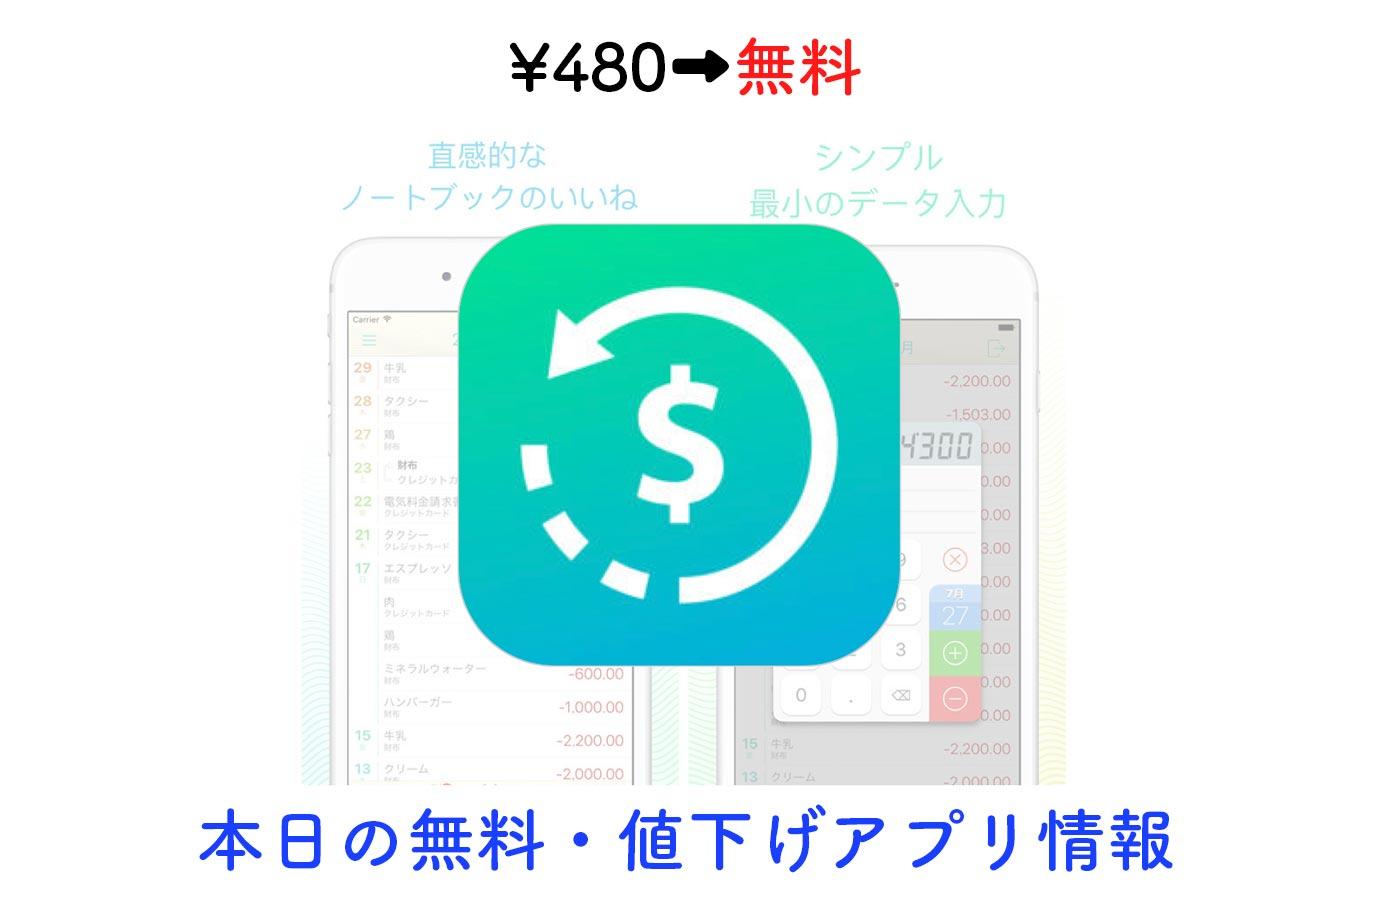 ¥480→無料、直感的に使える家計簿アプリ「Frugi」など【12/9】本日の無料・値下げアプリ情報